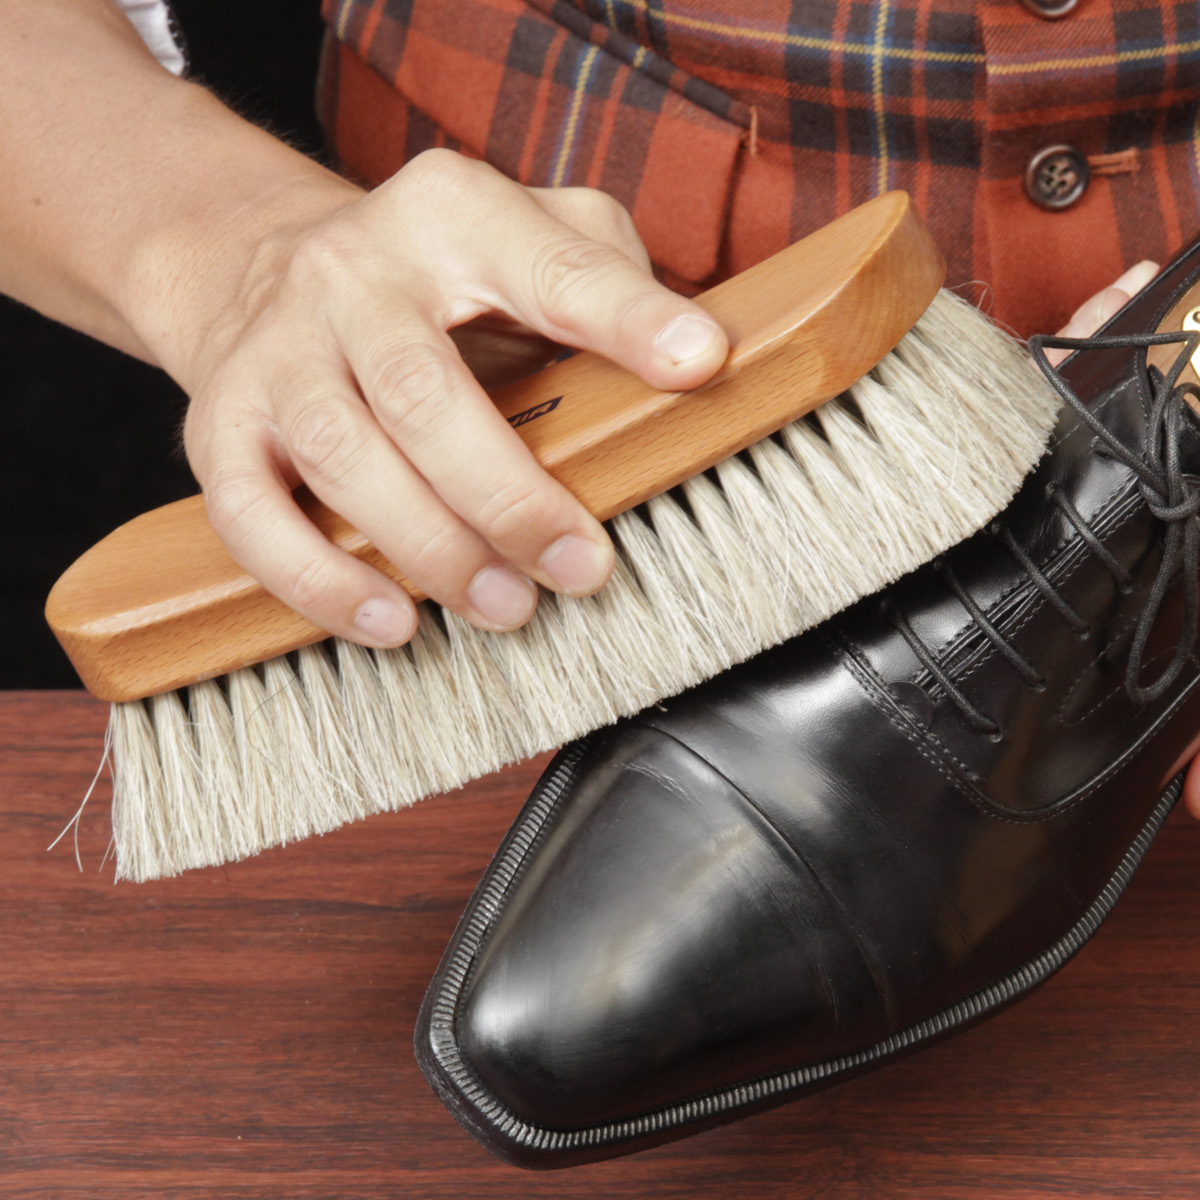 毛足が長く、ほこりをかき出しやすい馬毛ブラシ